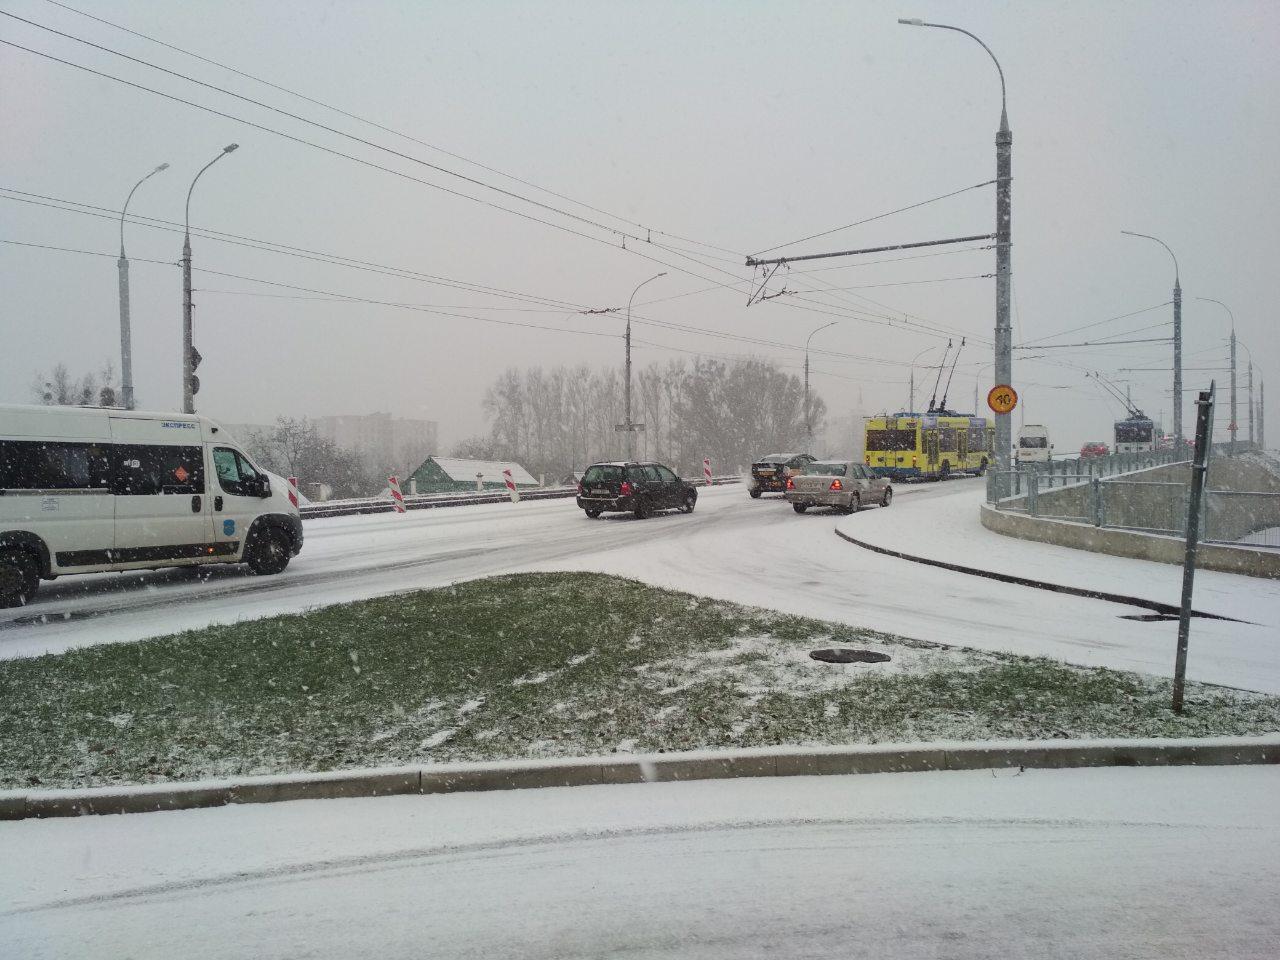 Из-за снега в городе много ДТП - призываем к осторожности!